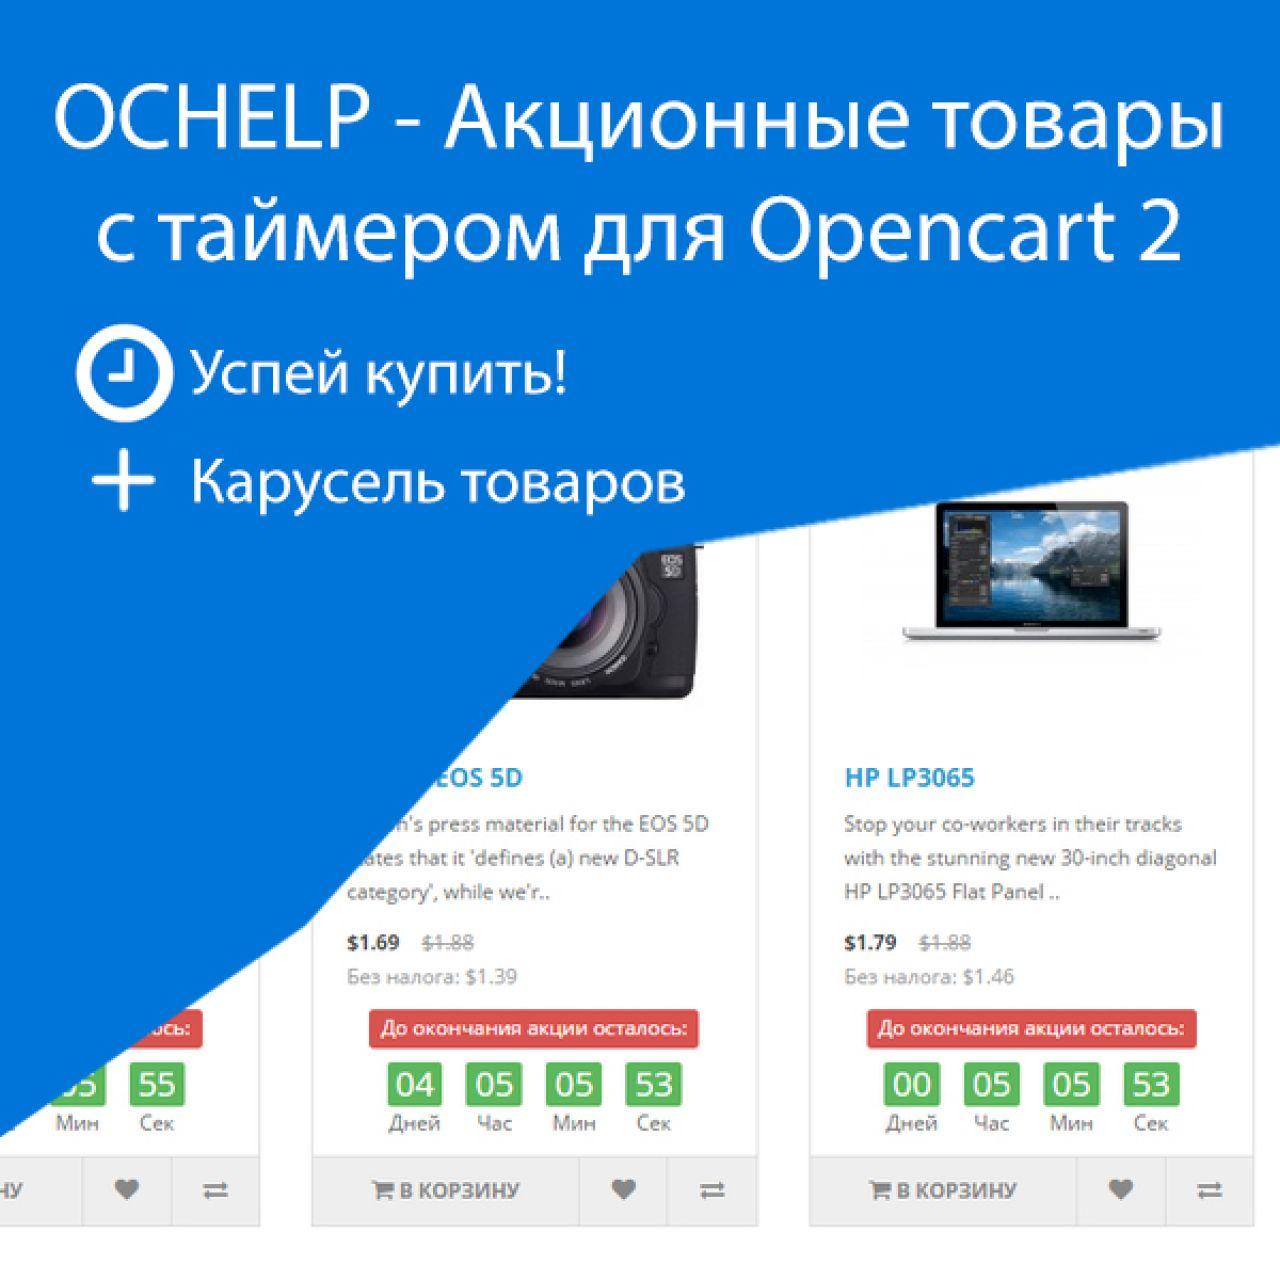 OCHELP - Акционные товары с таймером для Opencart 2